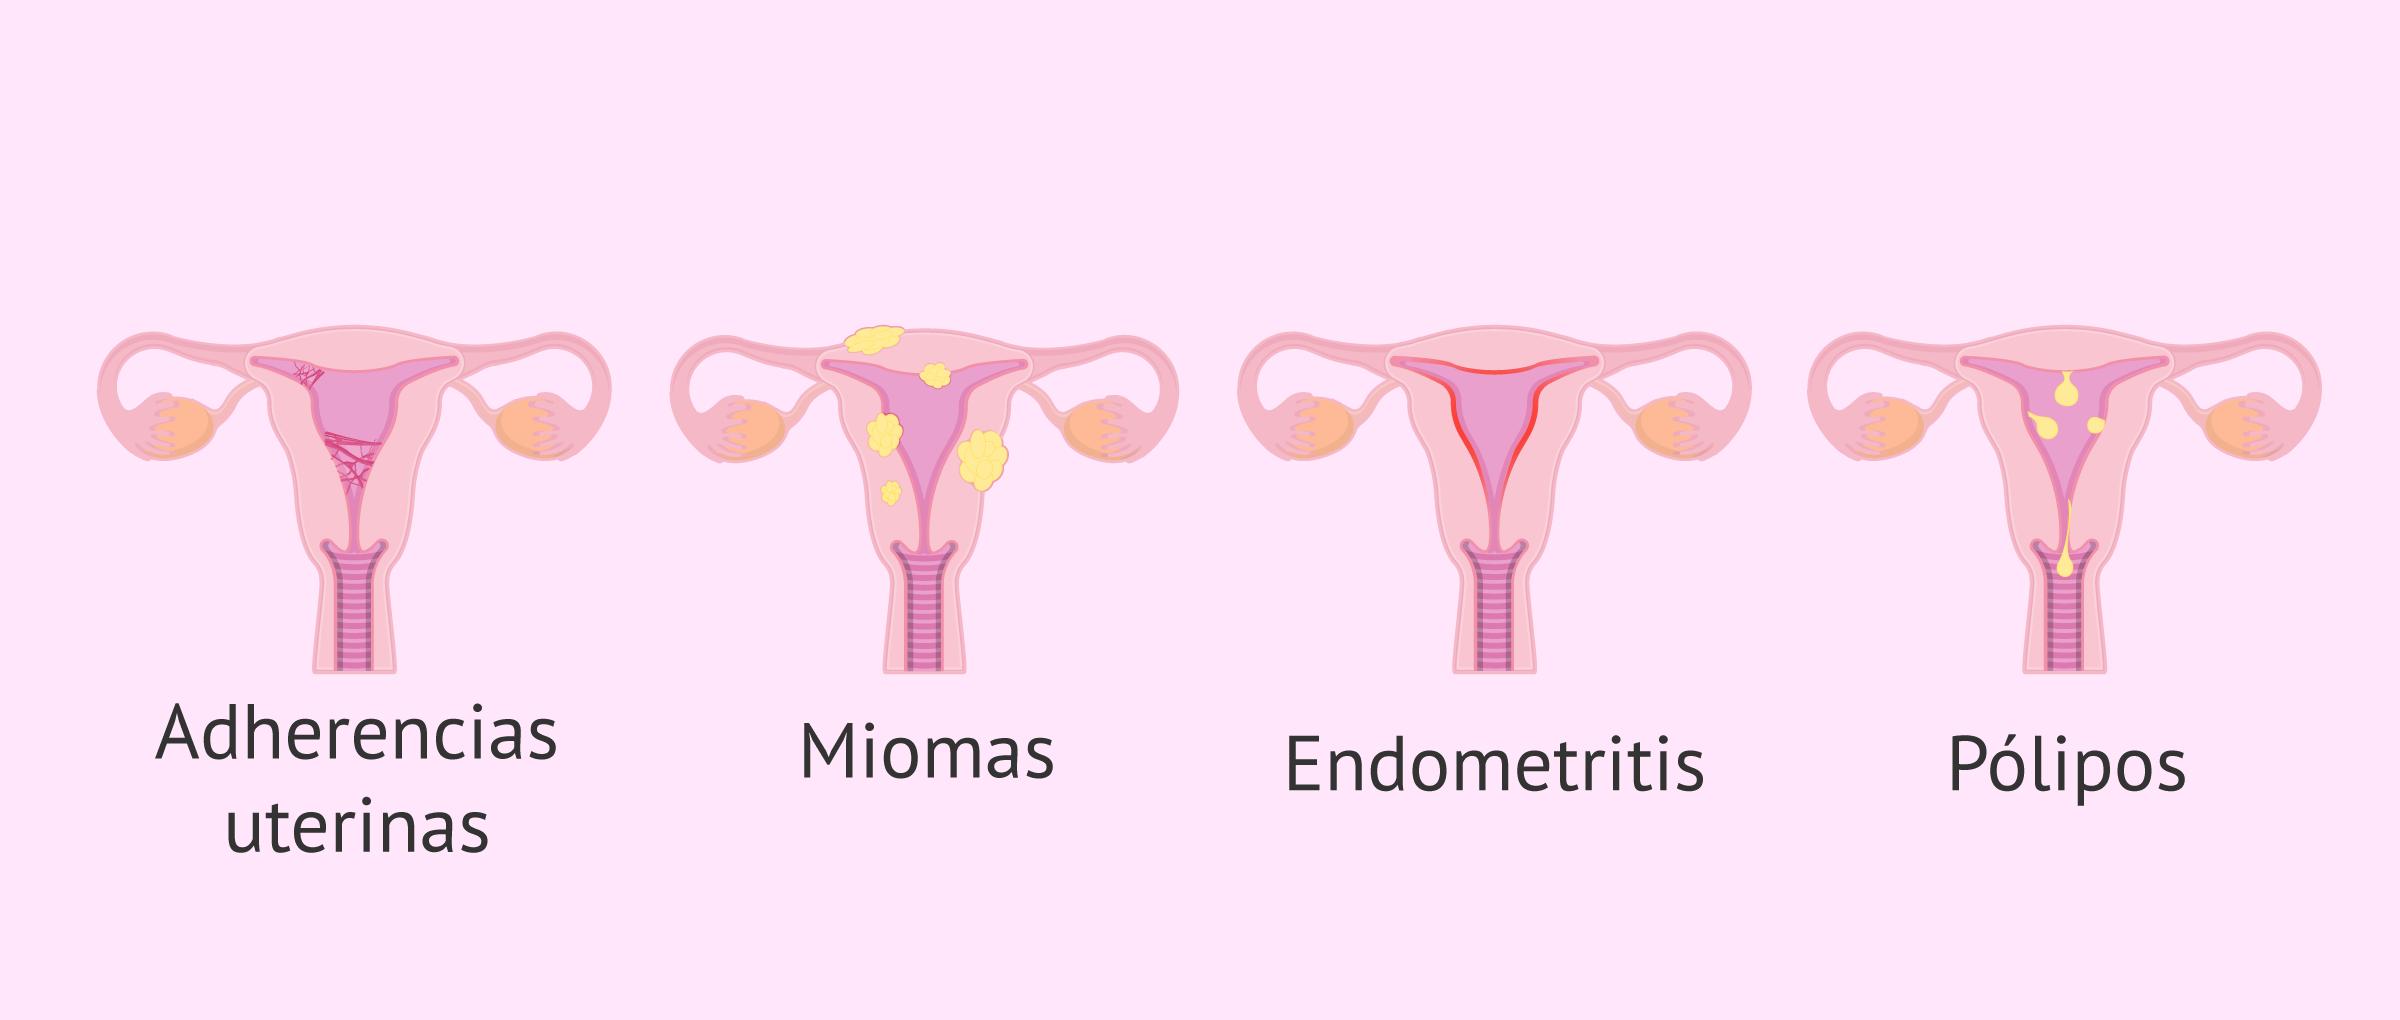 TIpos de tumoraciones y alteraciones endometriales